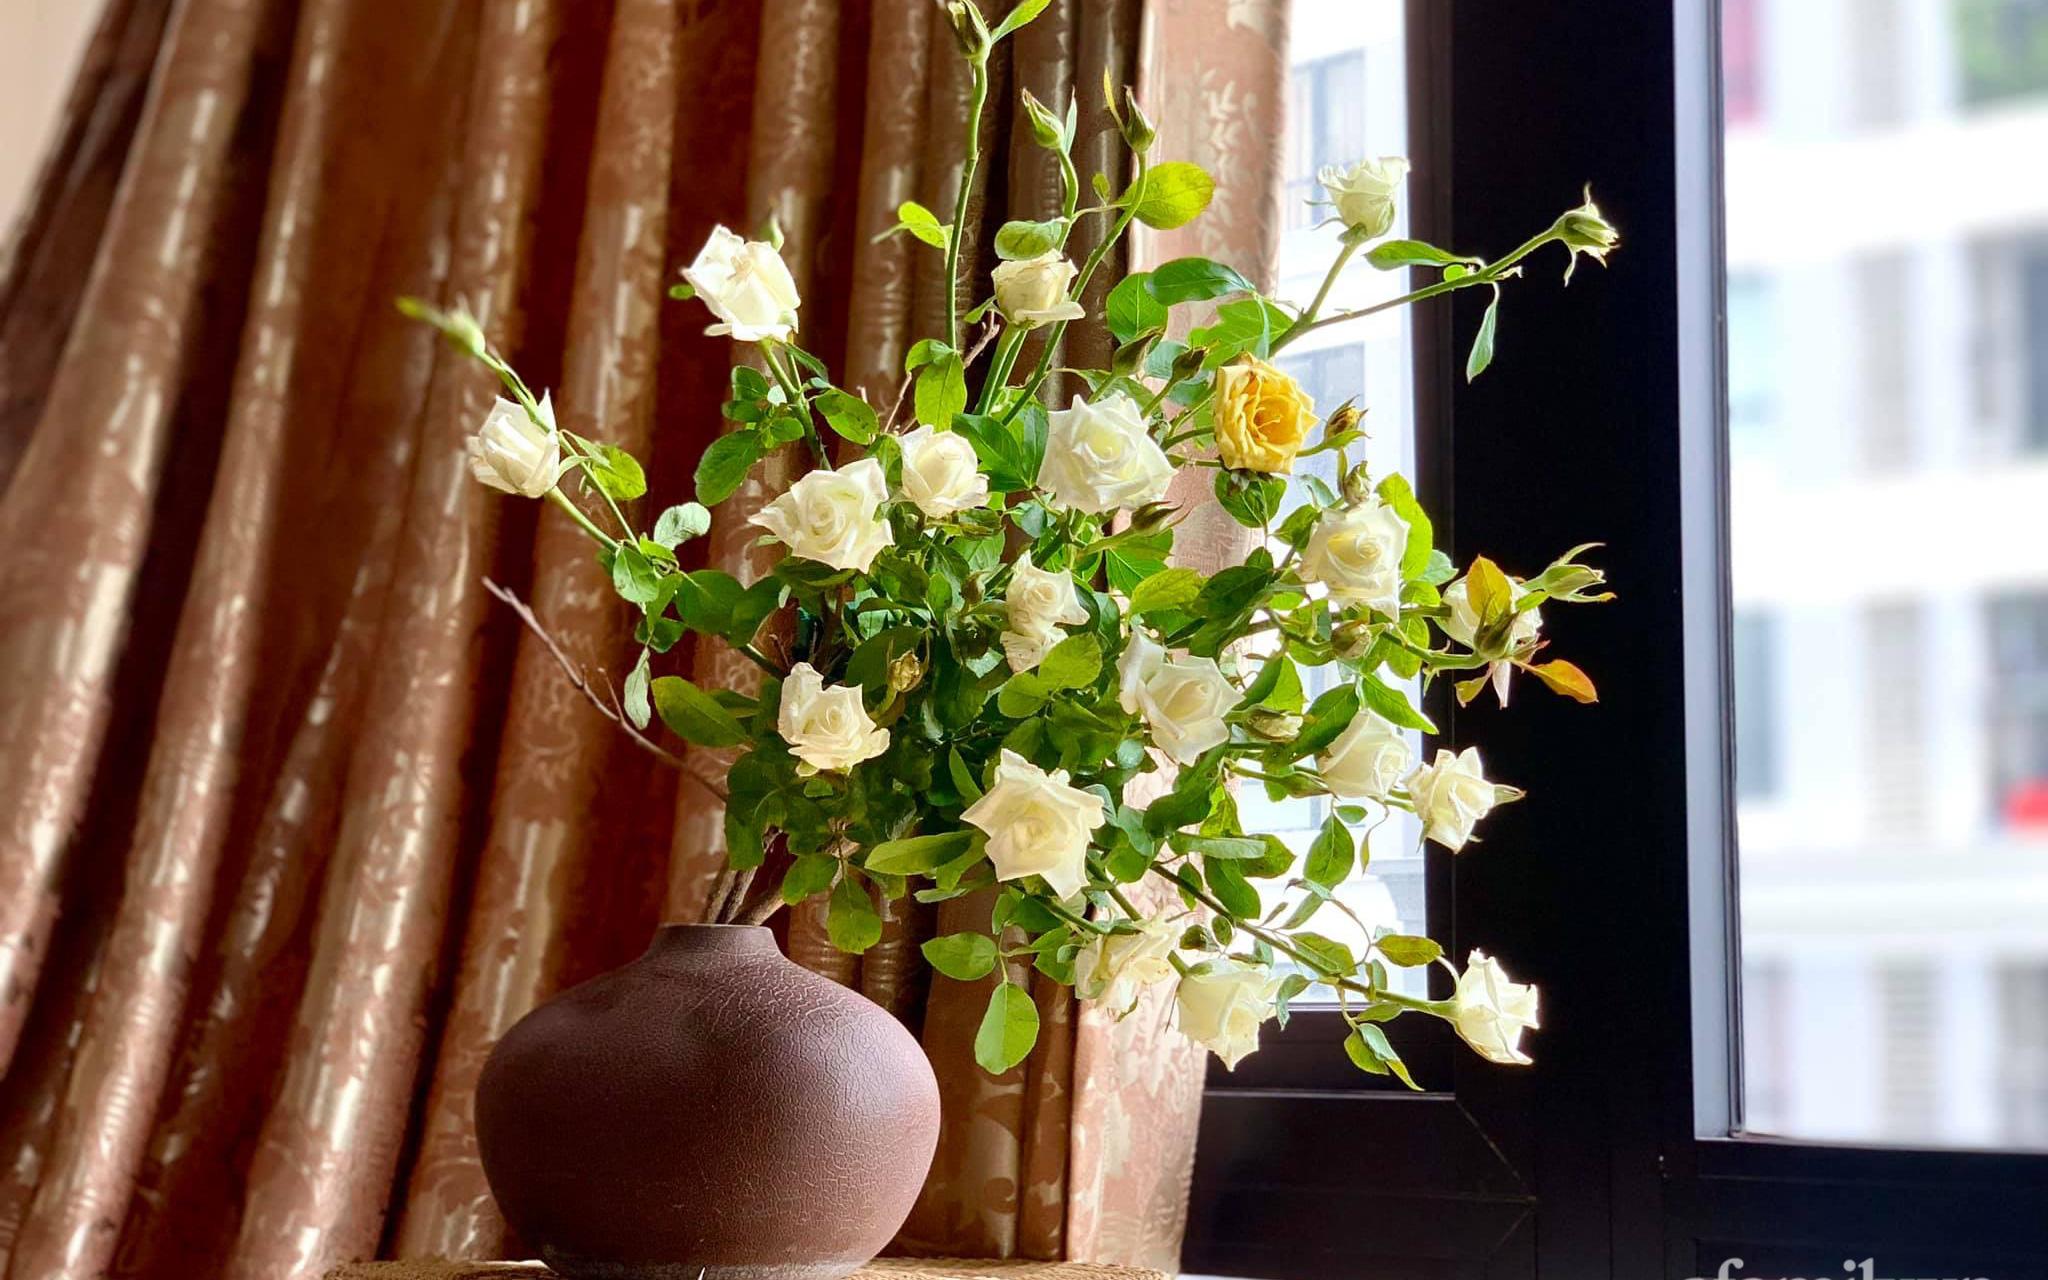 Chọn hồng cắt cành, người phụ nữ Hà Thành cắm kiểu tree rose đẹp duyên dáng không thể rời mắt